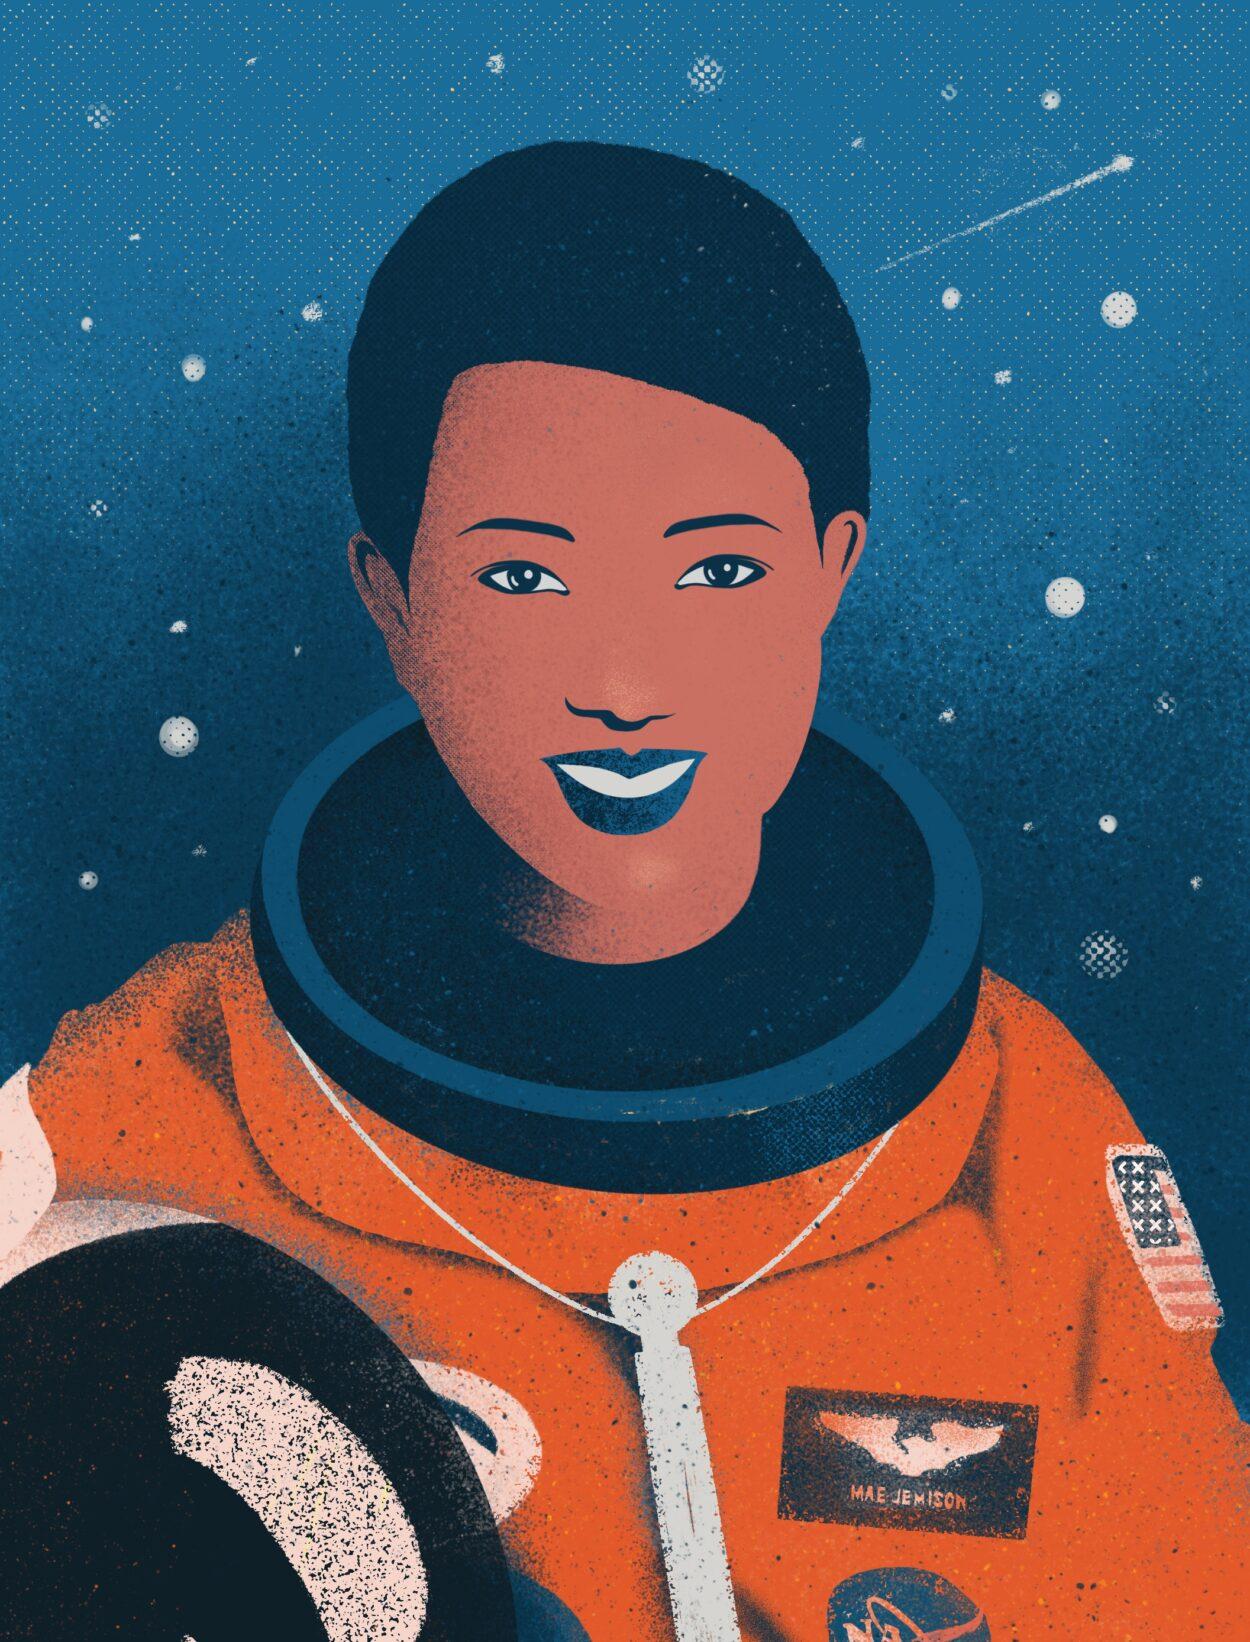 La primera dona astronauta afroamericana que va viatjar a l'espai a bord del transbordador Endeavour.